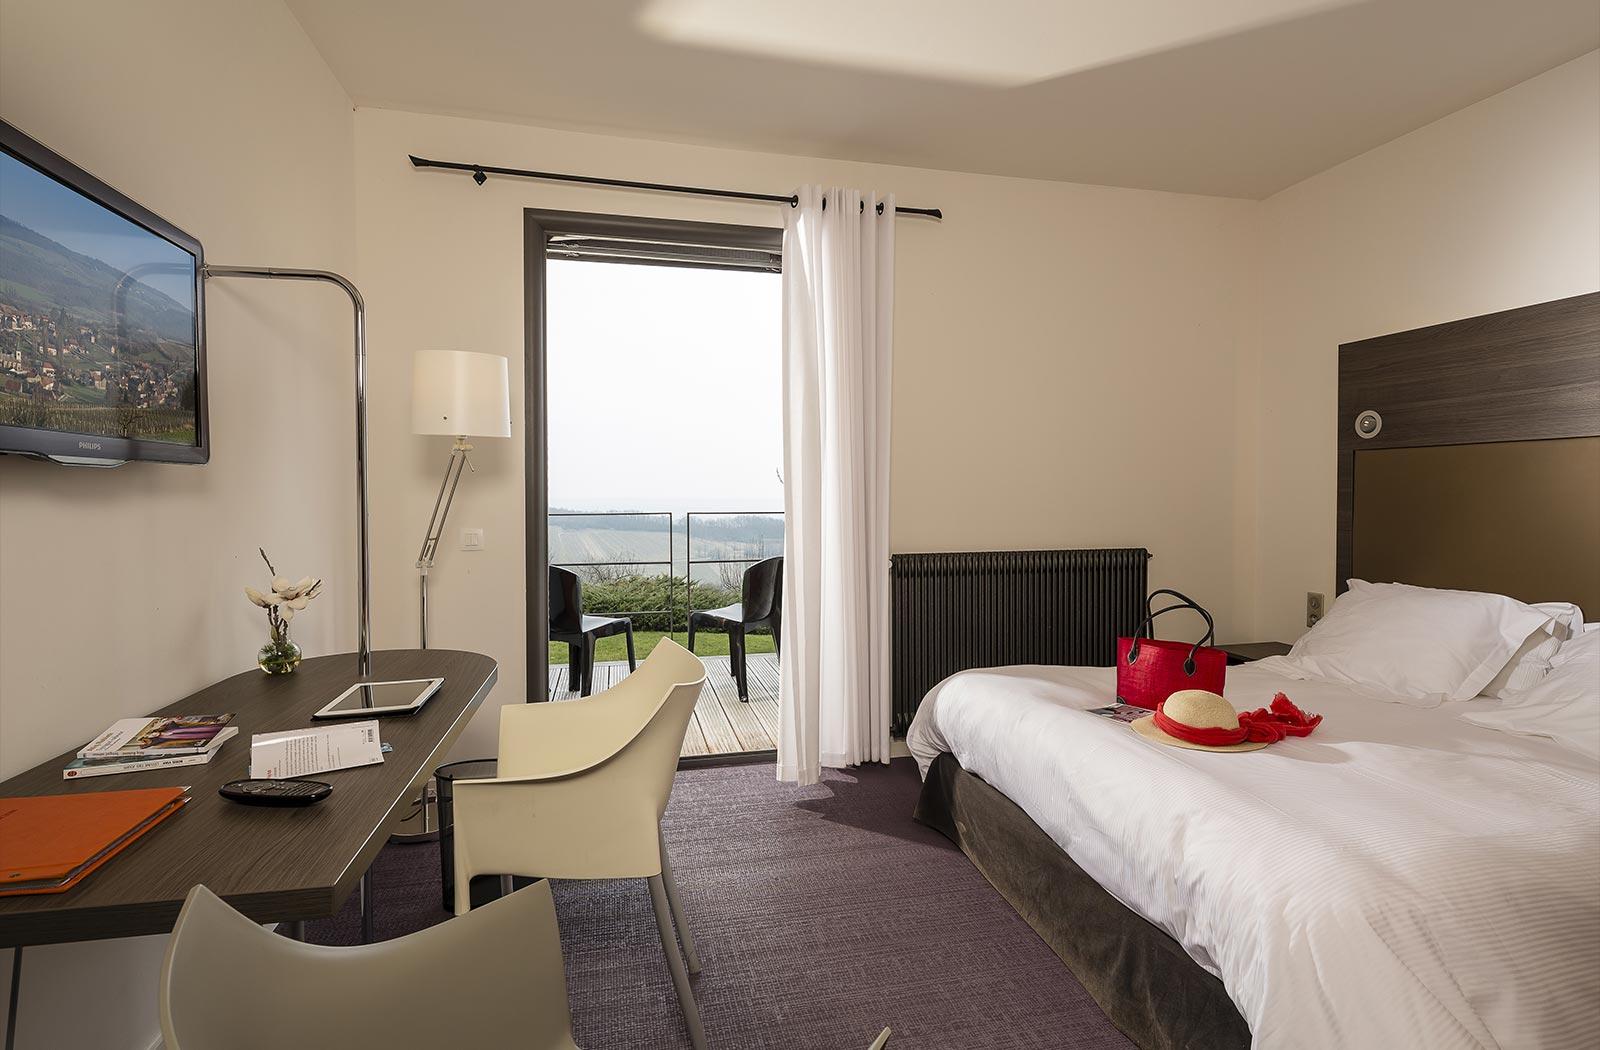 Chambre de luxe - Hôtel La Montagne de Brancion entre Tournus et Cluny